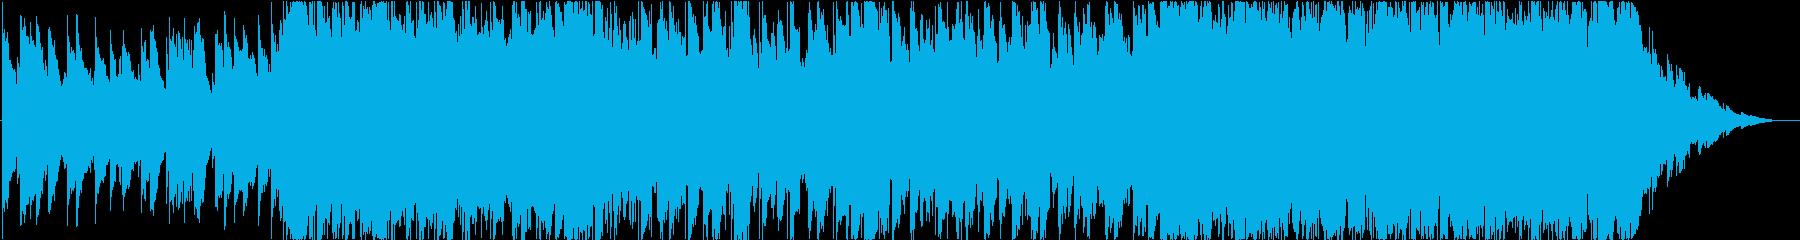 エモーショナルなバラードの再生済みの波形